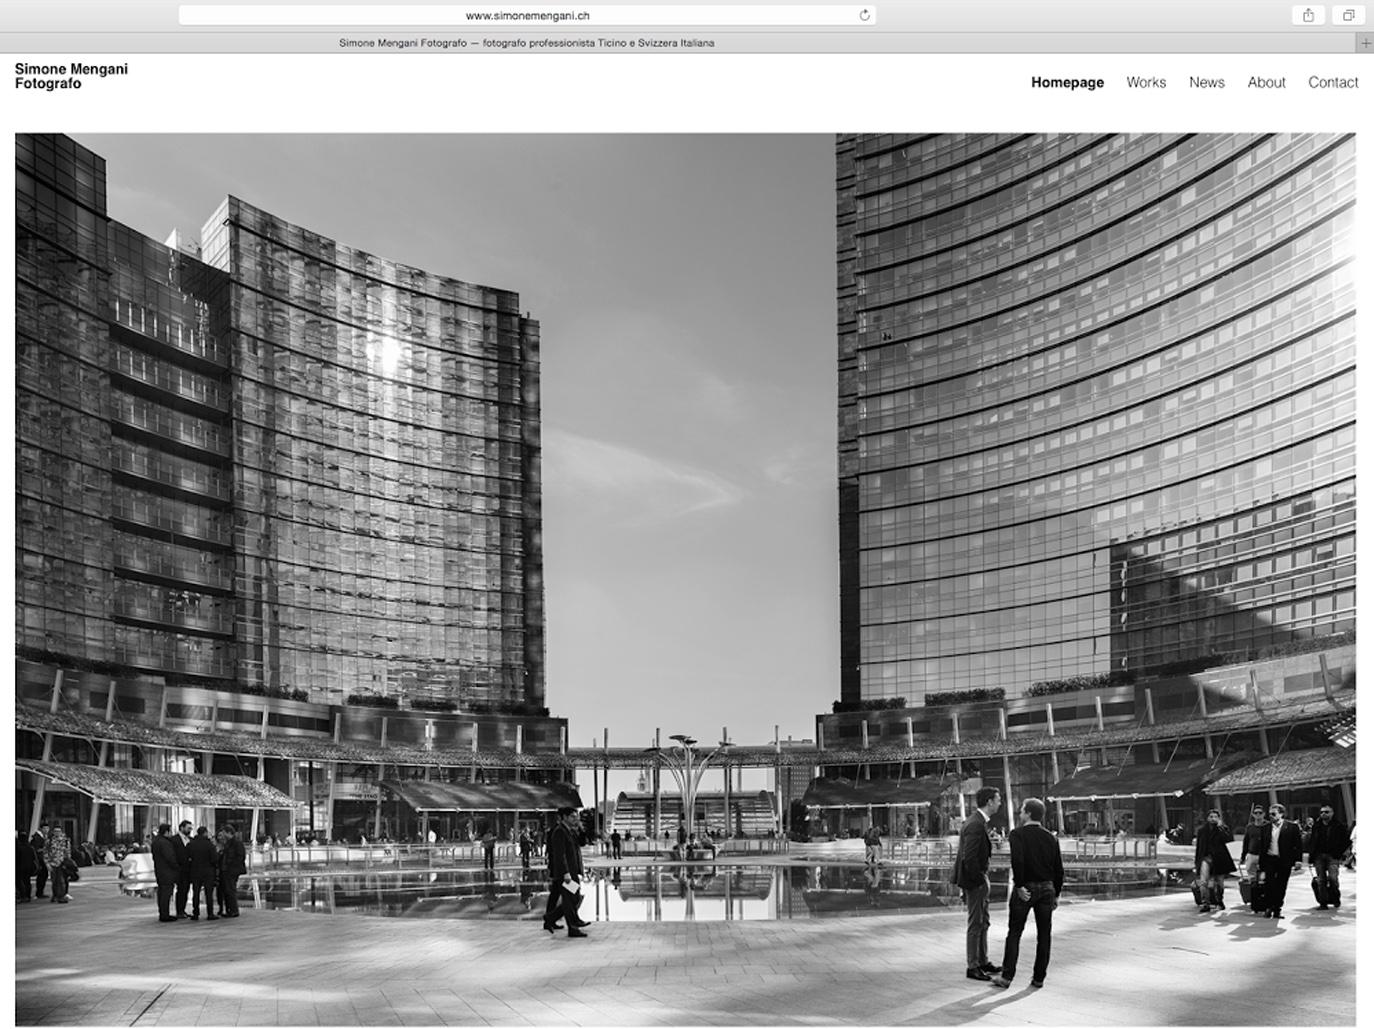 È online il nuovo sito www.simonemengani.ch !